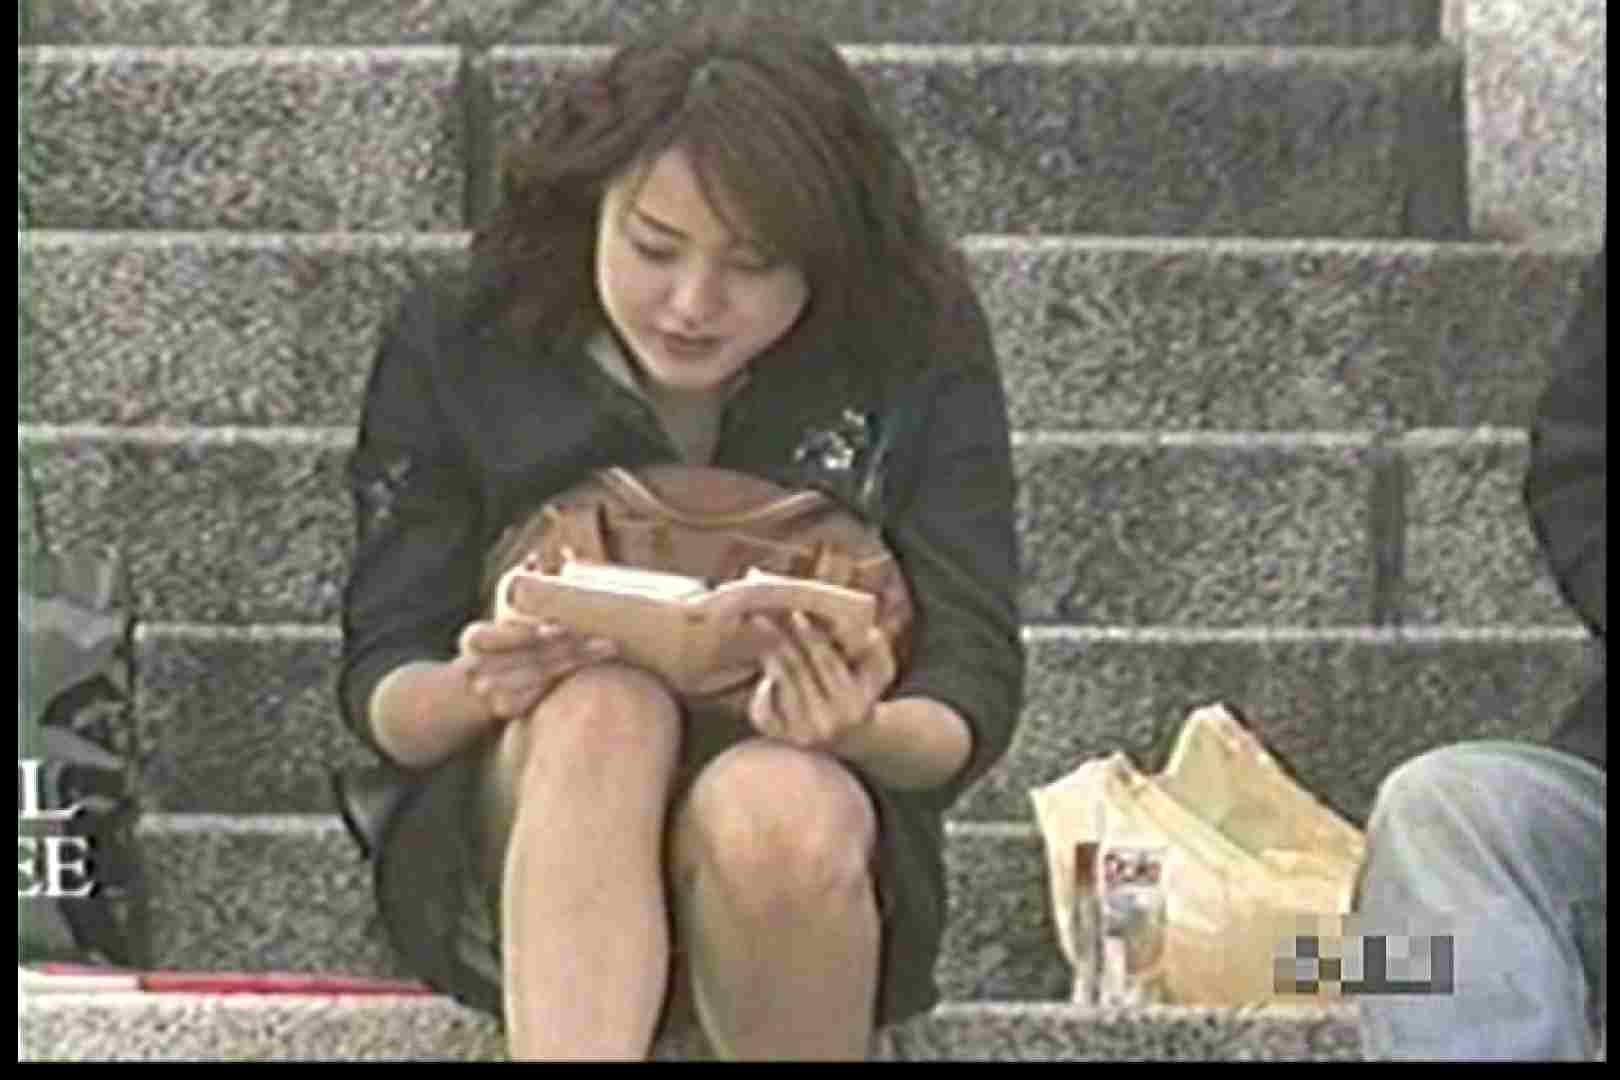 魅惑のデルタゾーンVol.5春夏秋冬2.No2 カップルのセックス おまんこ動画流出 50PIX 19